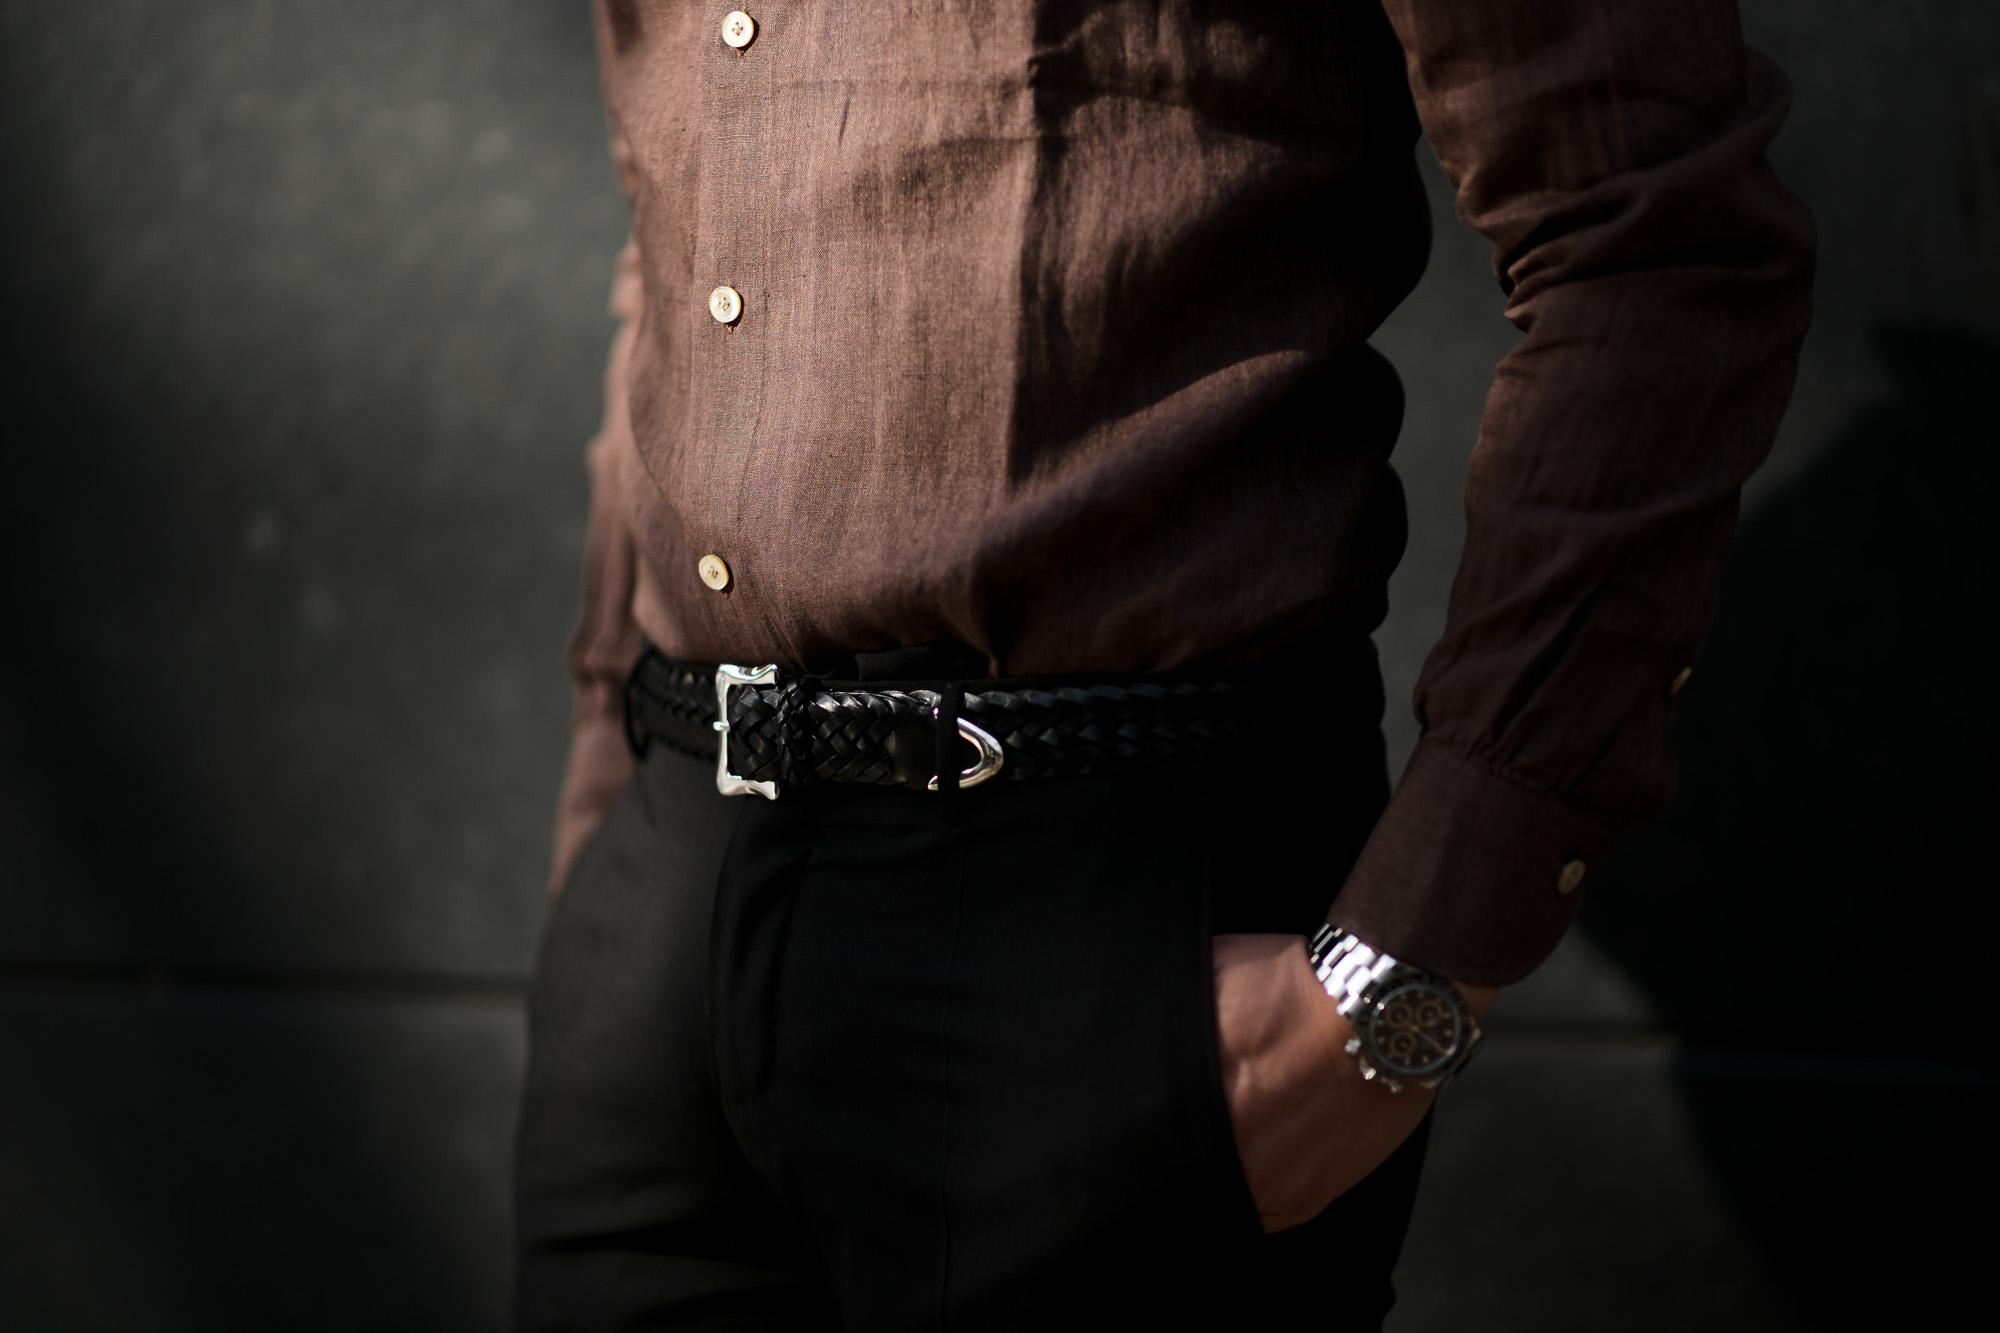 AVINO Laboratorio Napoletano(アヴィーノ・ラボラトリオ・ナポレターノ) Linen Dress Shirts (リネン ドレス シャツ) リネン100% ワイドカラー シャツ BROWN (ブラウン) made in italy (イタリア製) 2020 春夏 【ご予約受付中】 愛知 名古屋 altoediritto アルトエデリット リネンシャツ